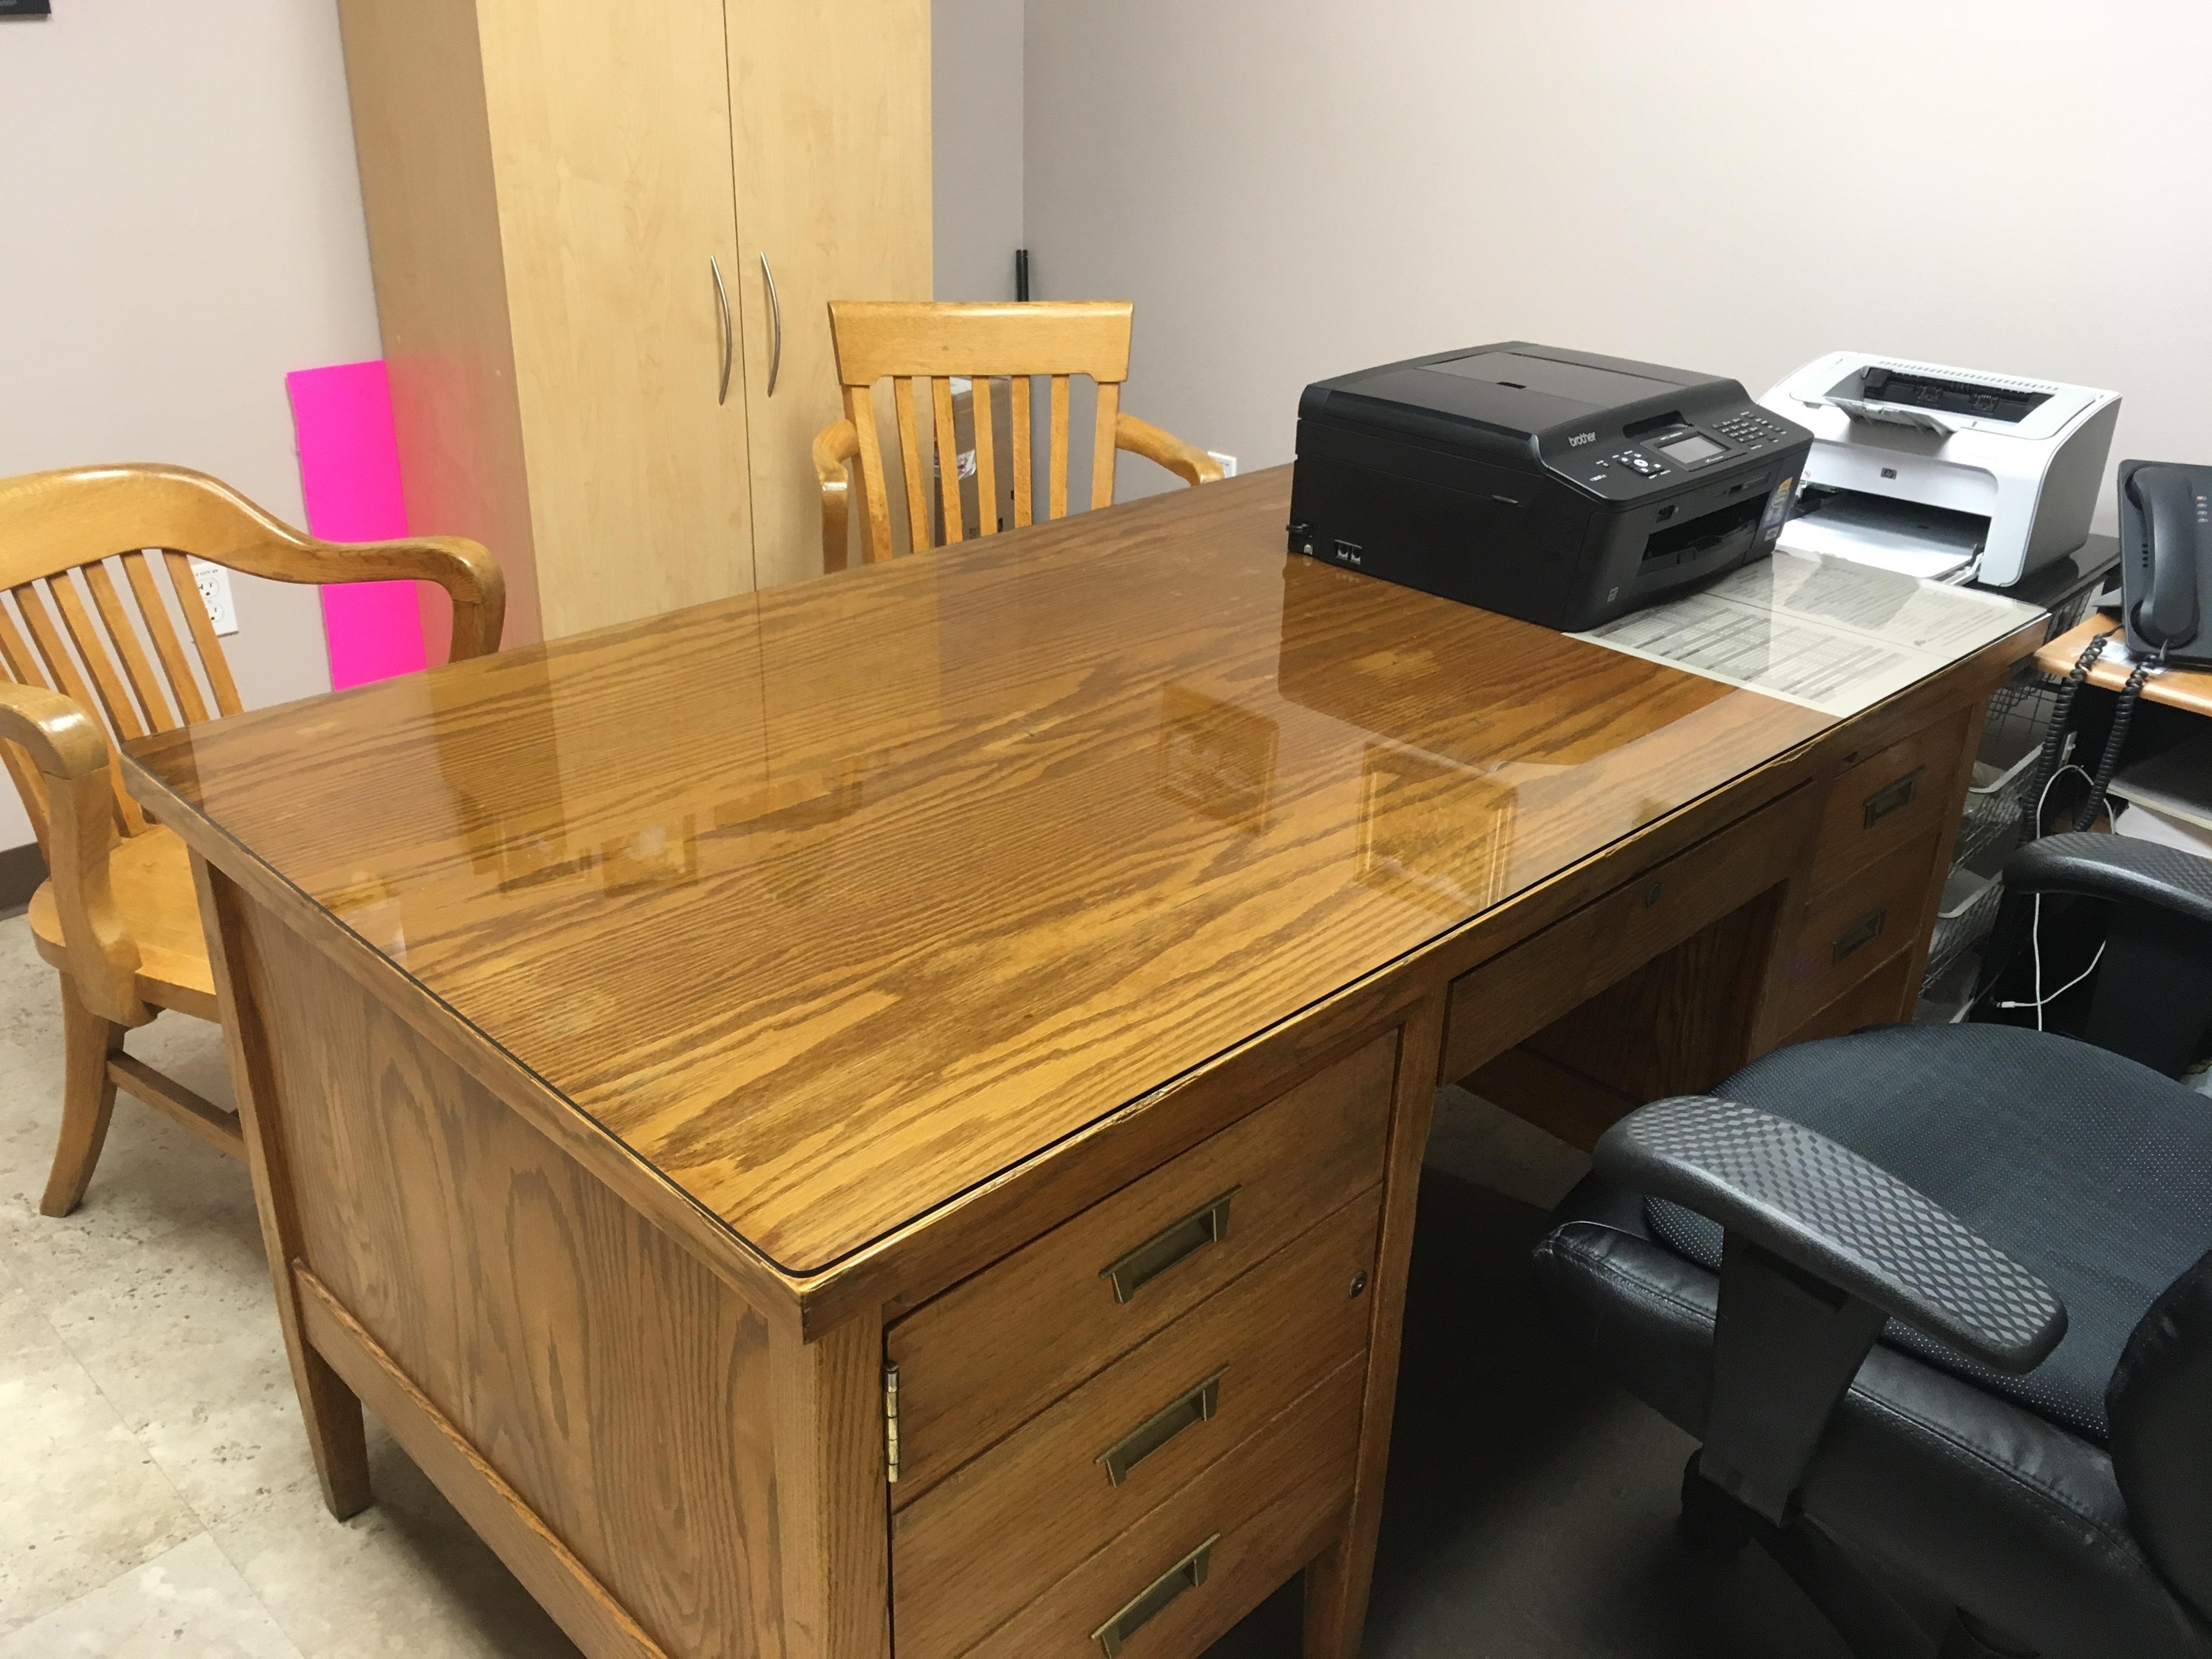 https://0901.nccdn.net/4_2/000/000/03f/ac7/office-desk-top-1.jpg